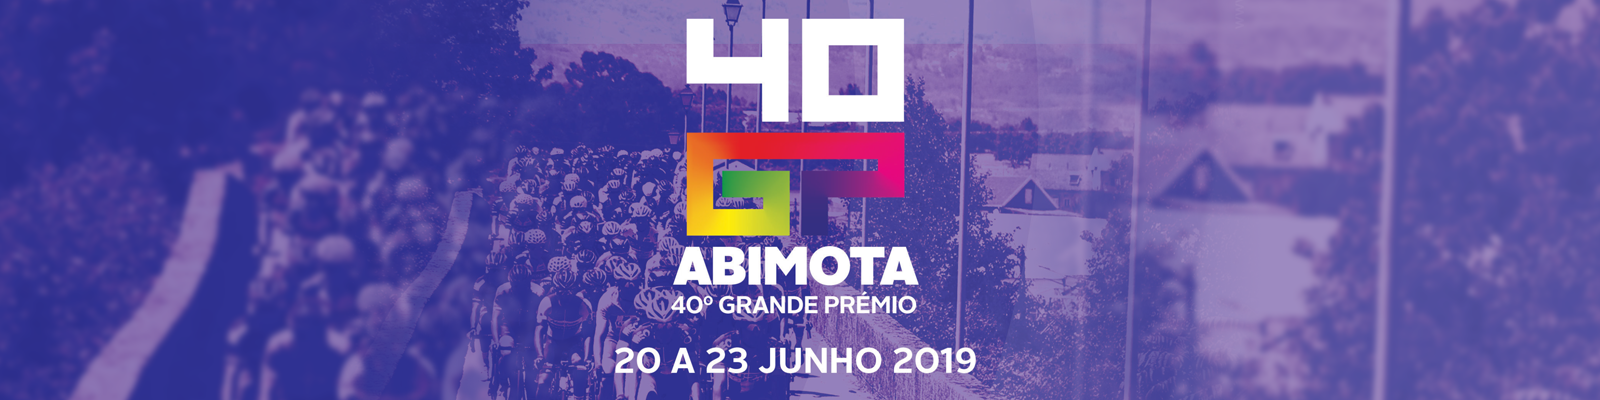 Grande Prémio ABIMOTA 2019